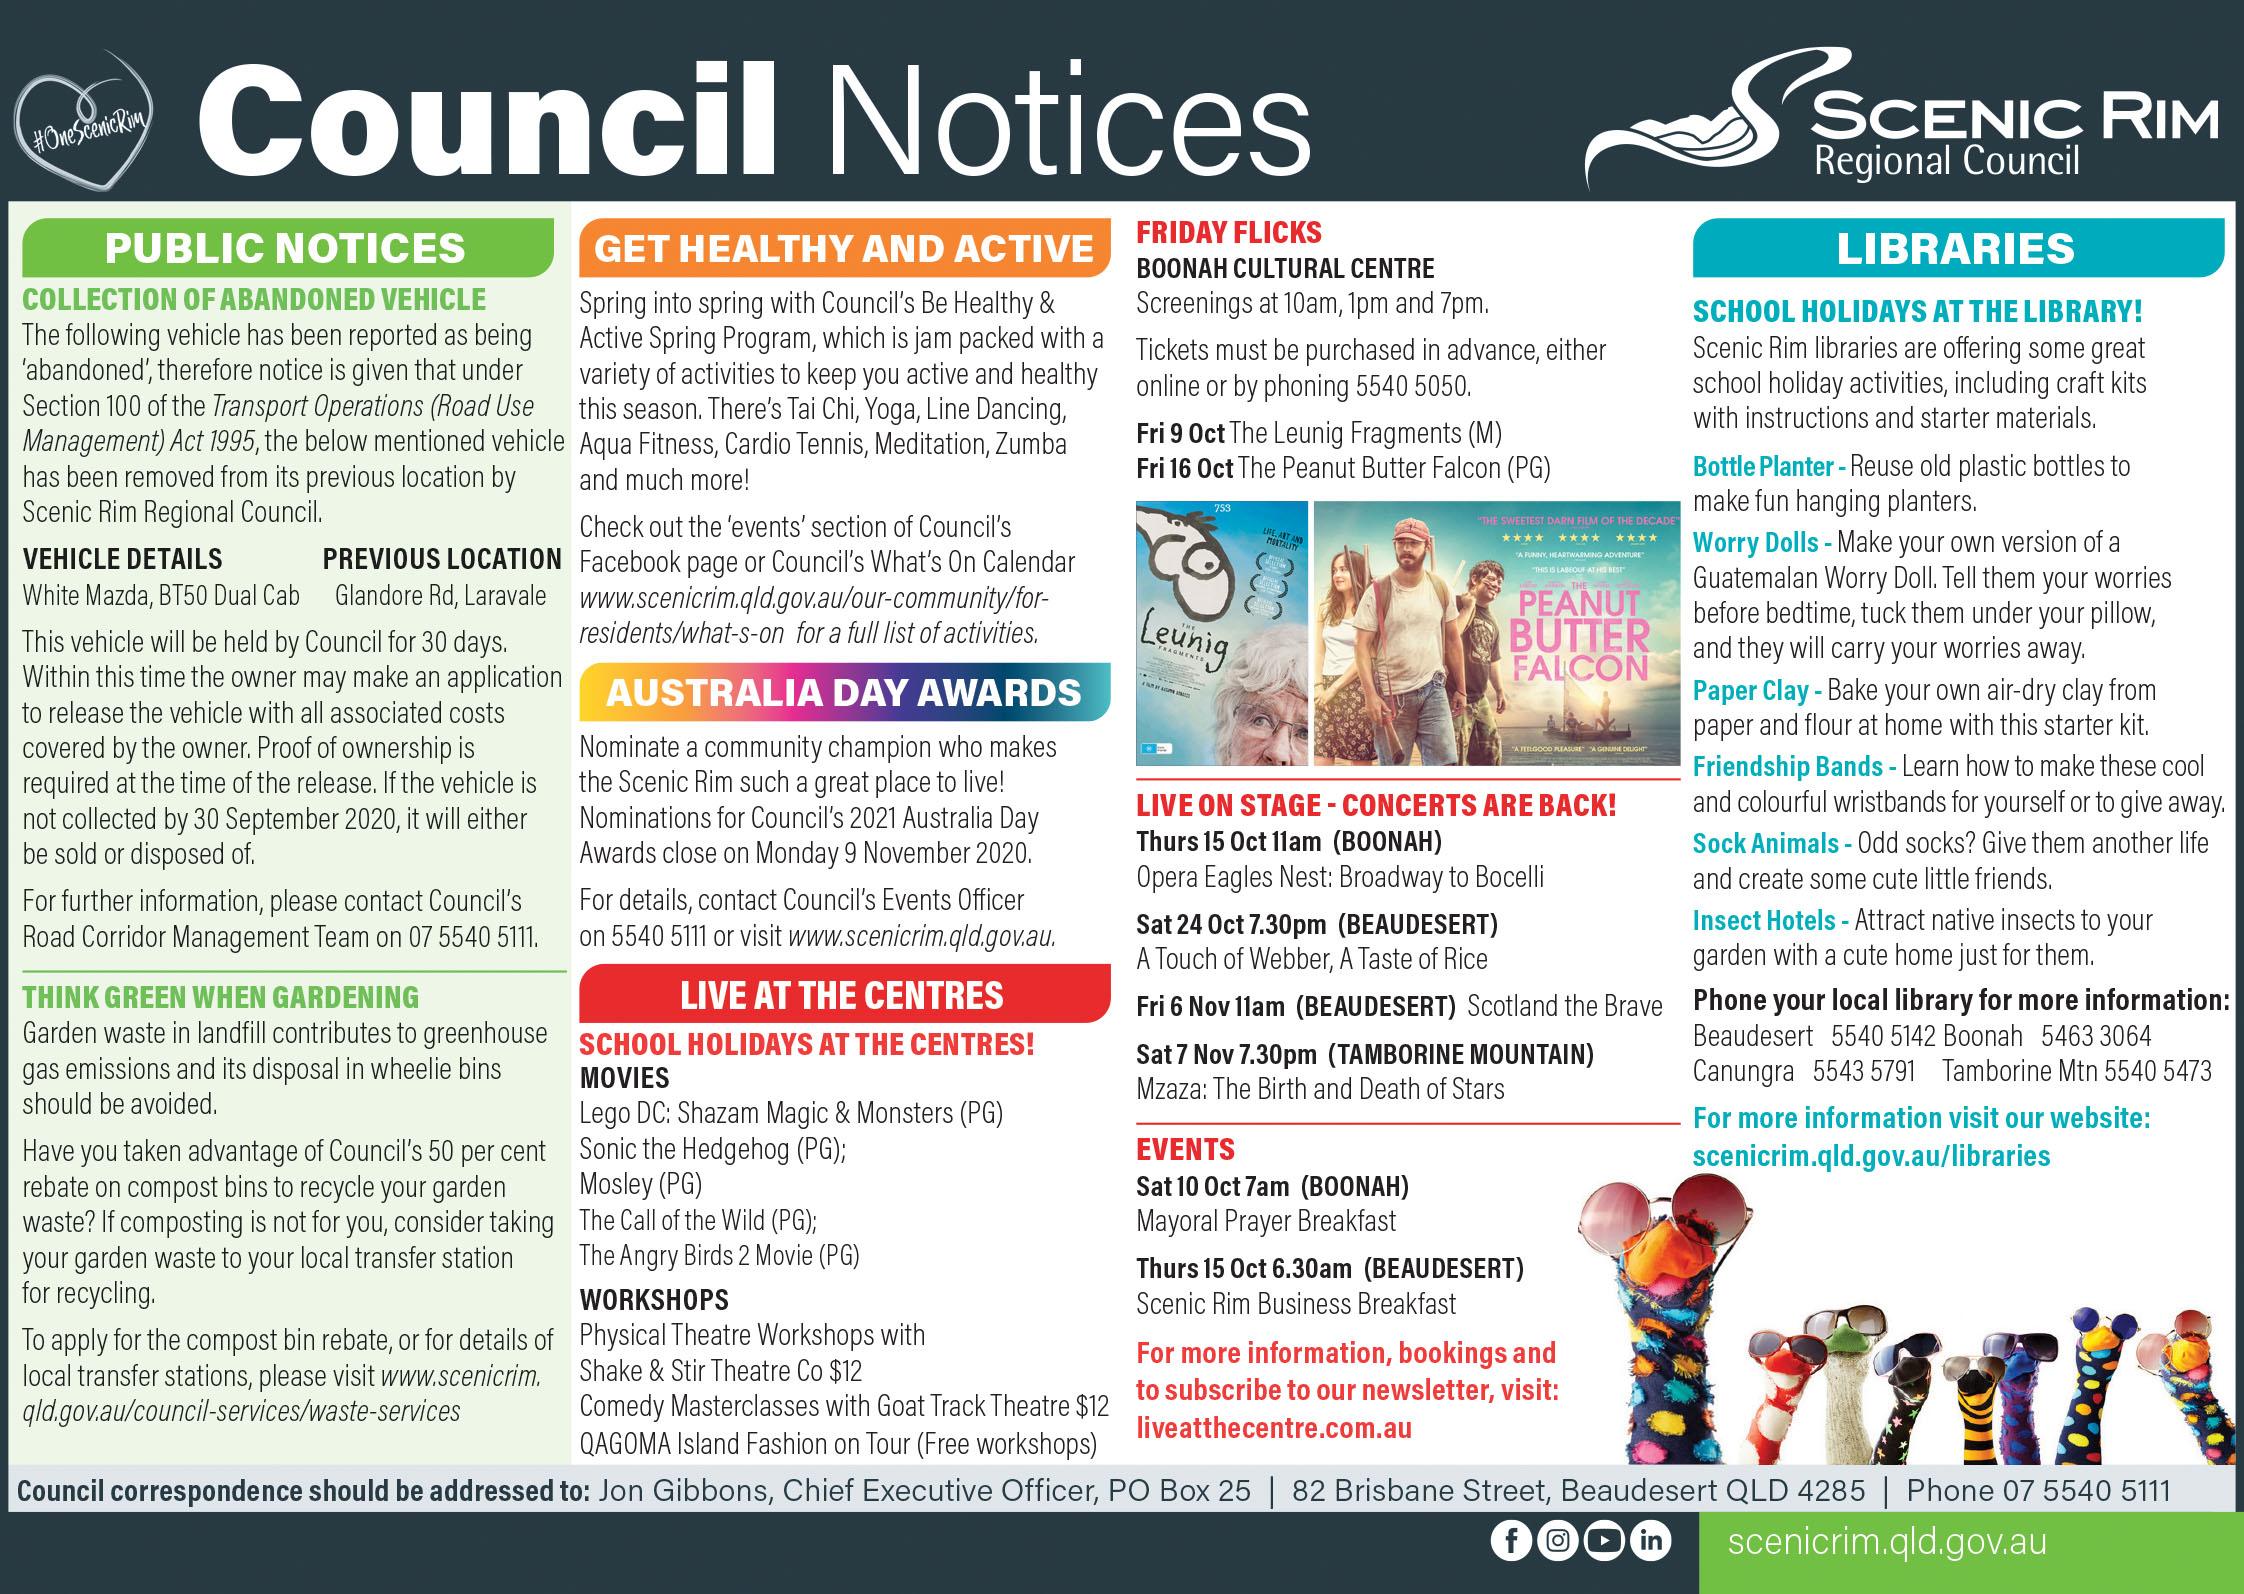 SRRC October Notices